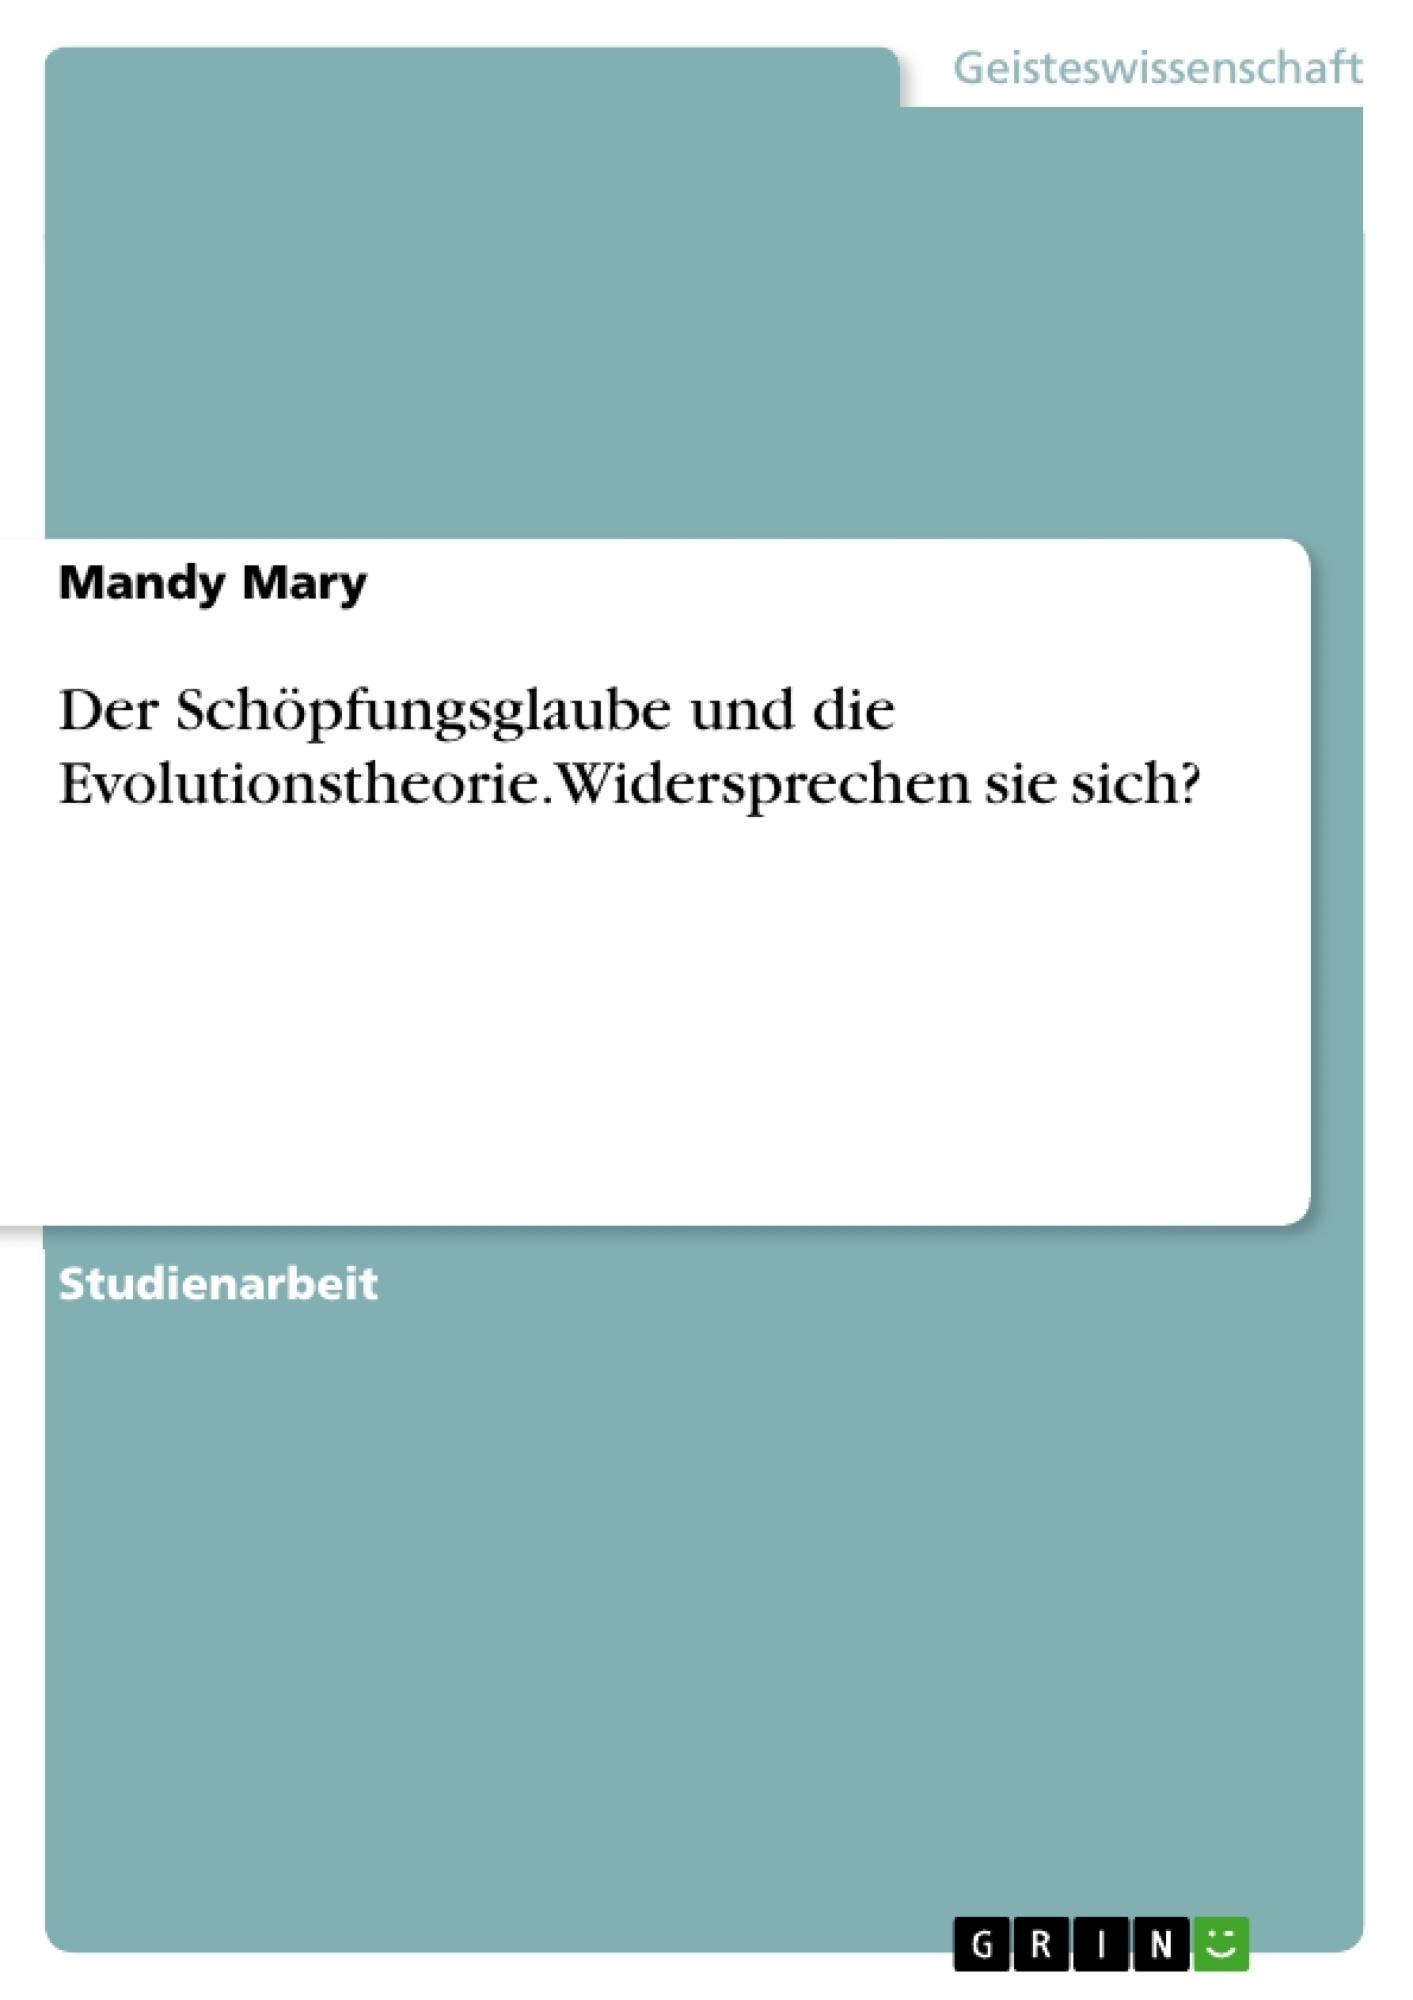 Titel: Der Schöpfungsglaube und die Evolutionstheorie. Widersprechen sie sich?